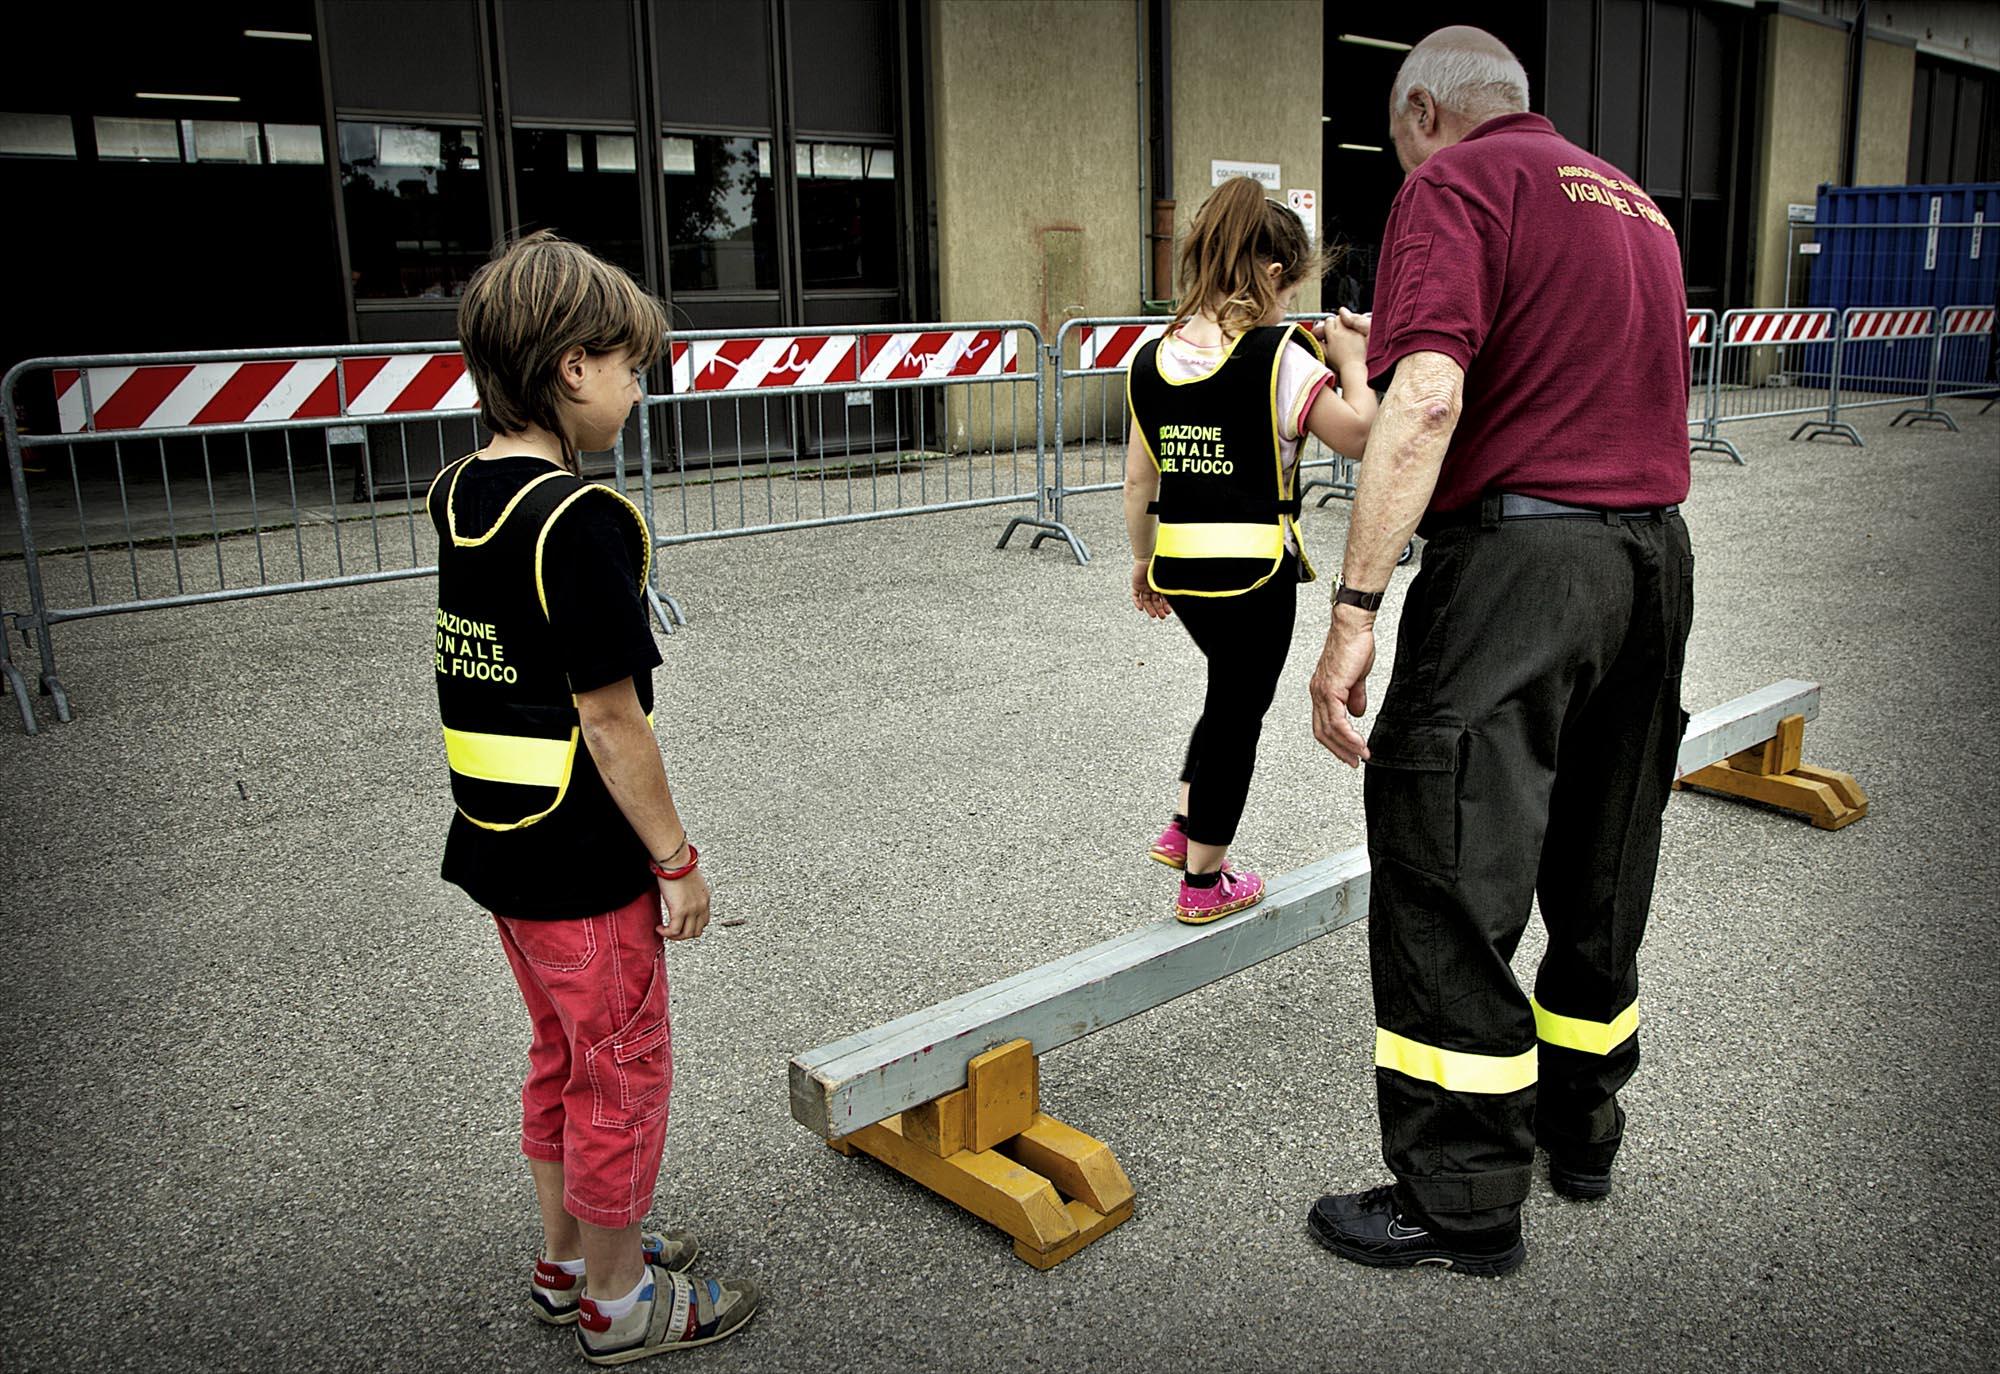 0029 pompieropoli esercitazioni con bambini - Pompieropoli, esercitazione antincendio con i bambini